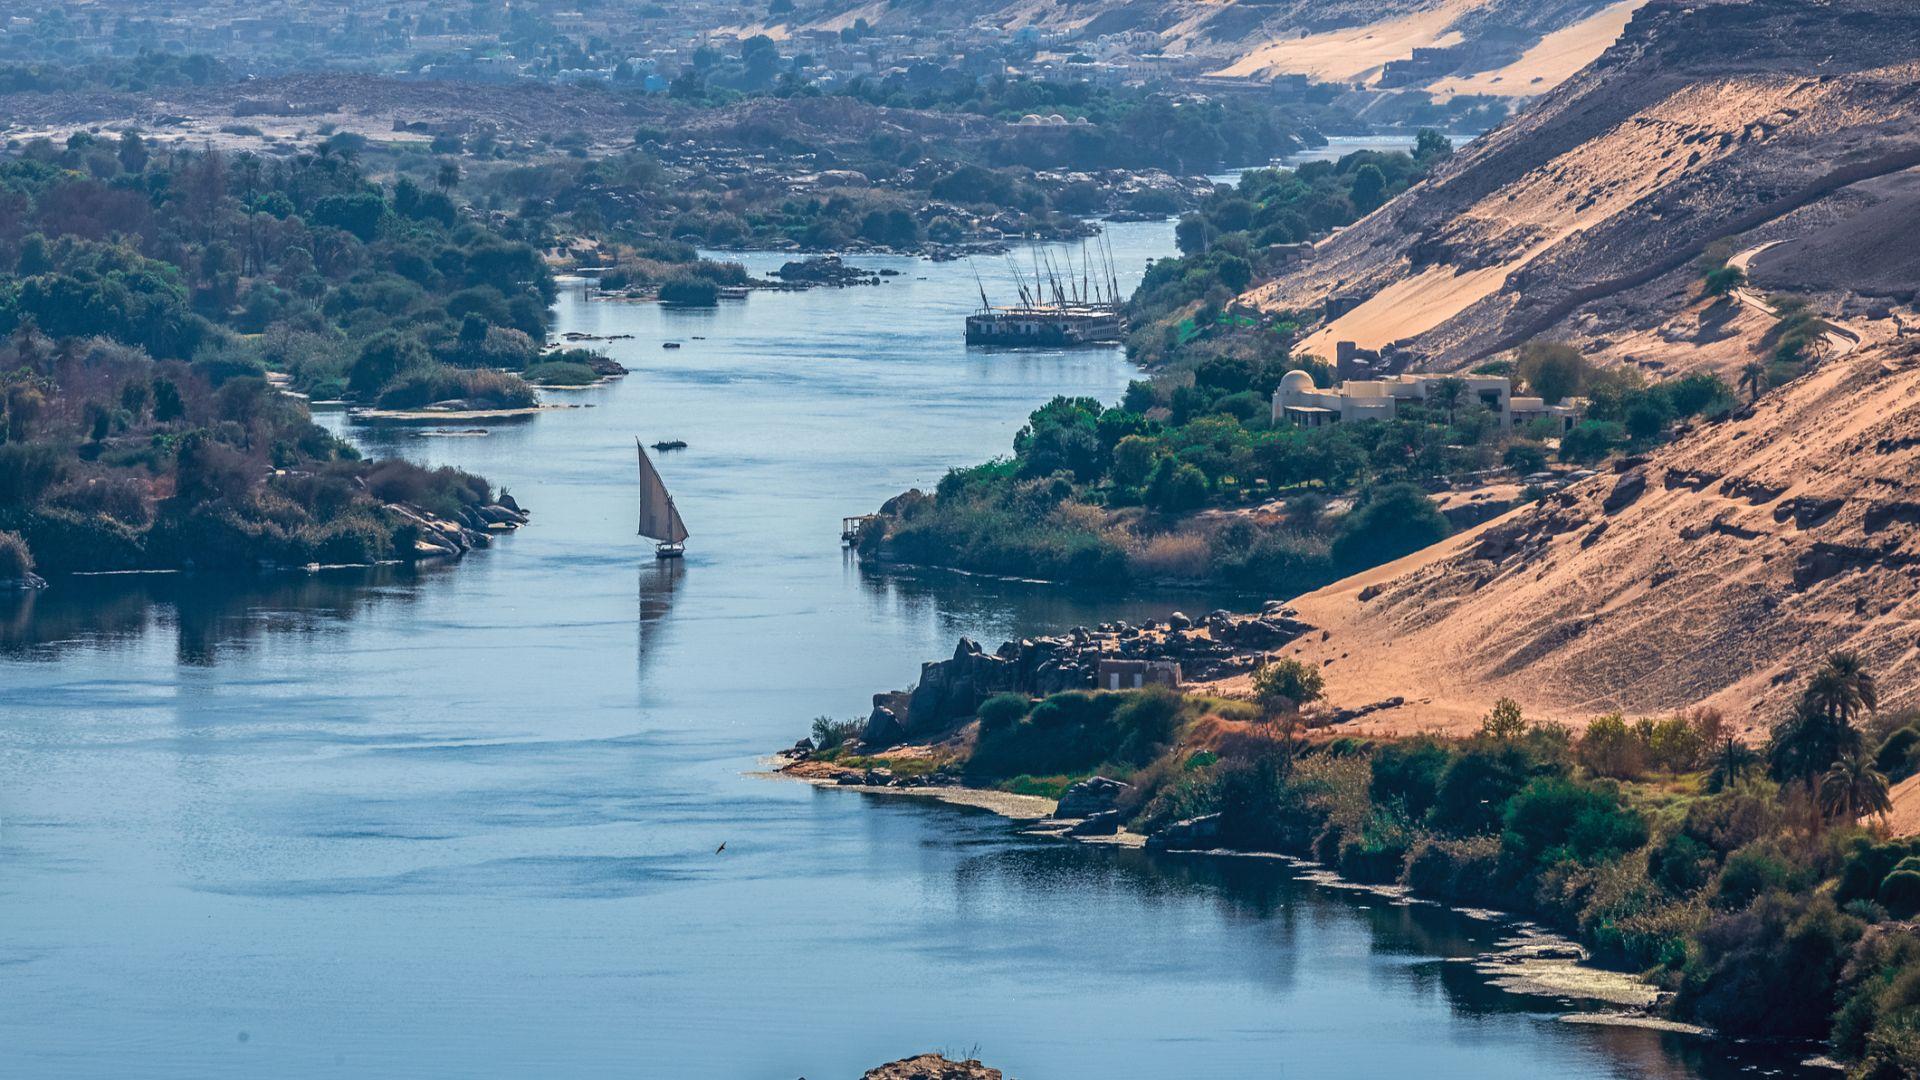 Учени определиха възрастта на река Нил